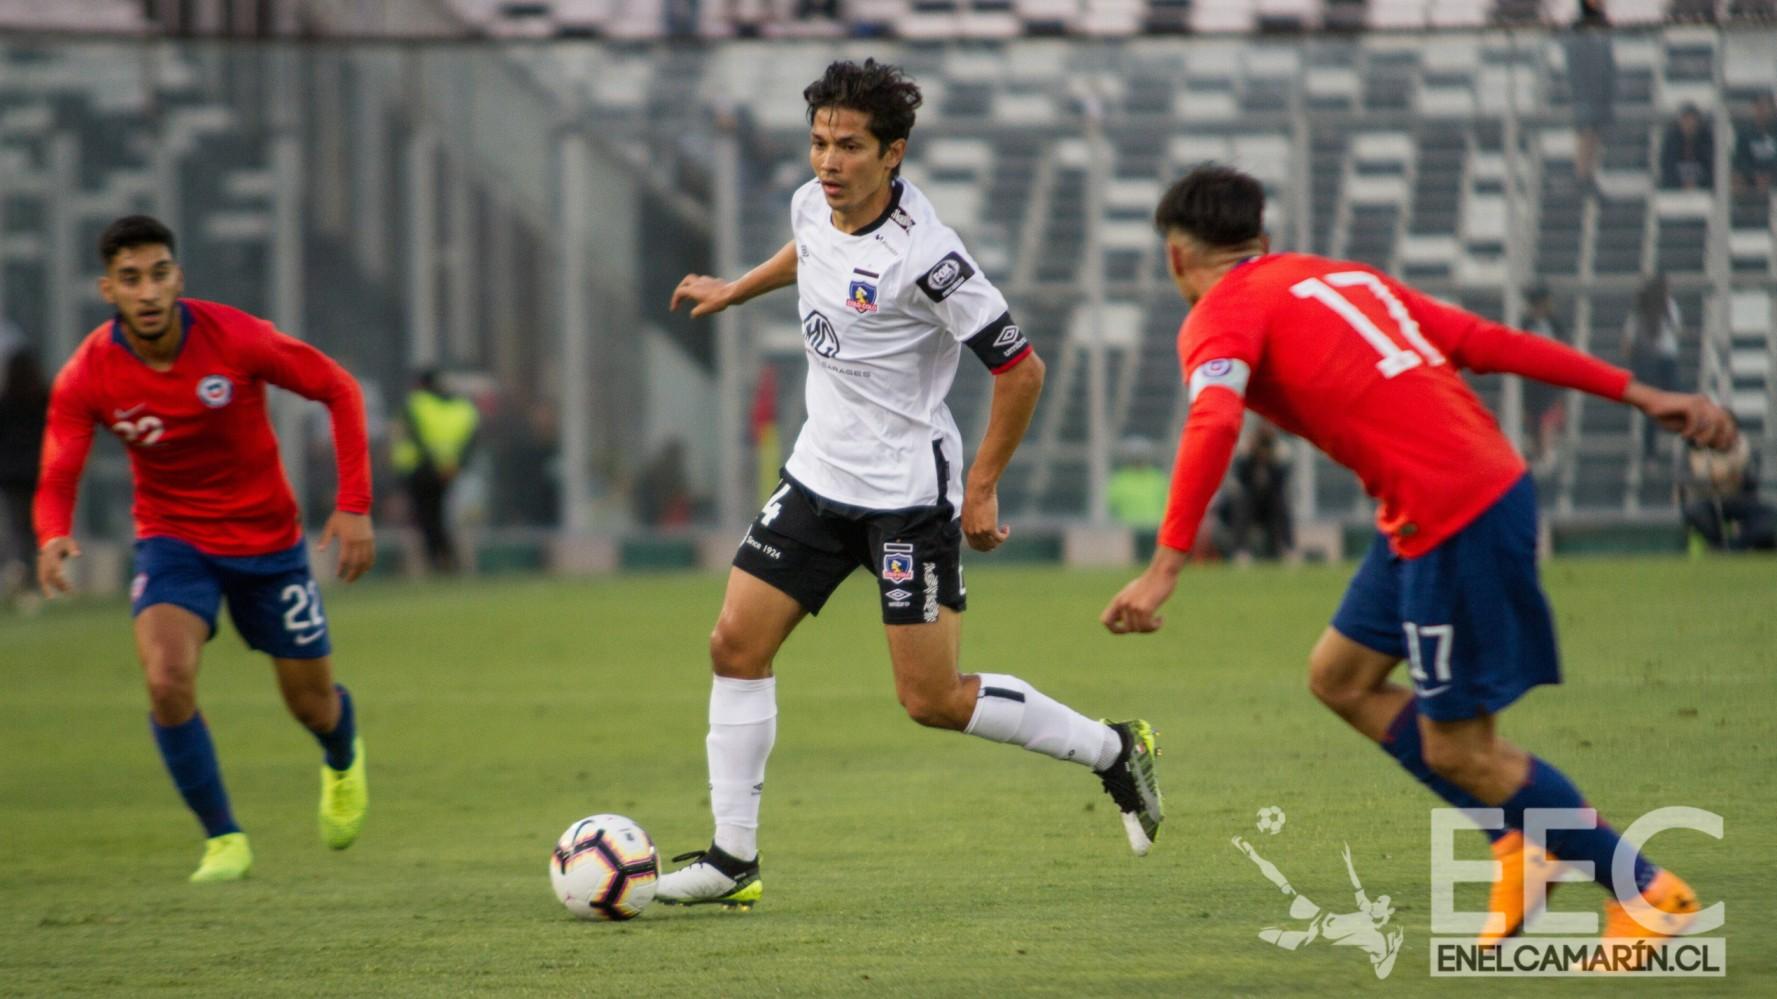 Galería de fotos: Colo-Colo vs Chile Sub 23